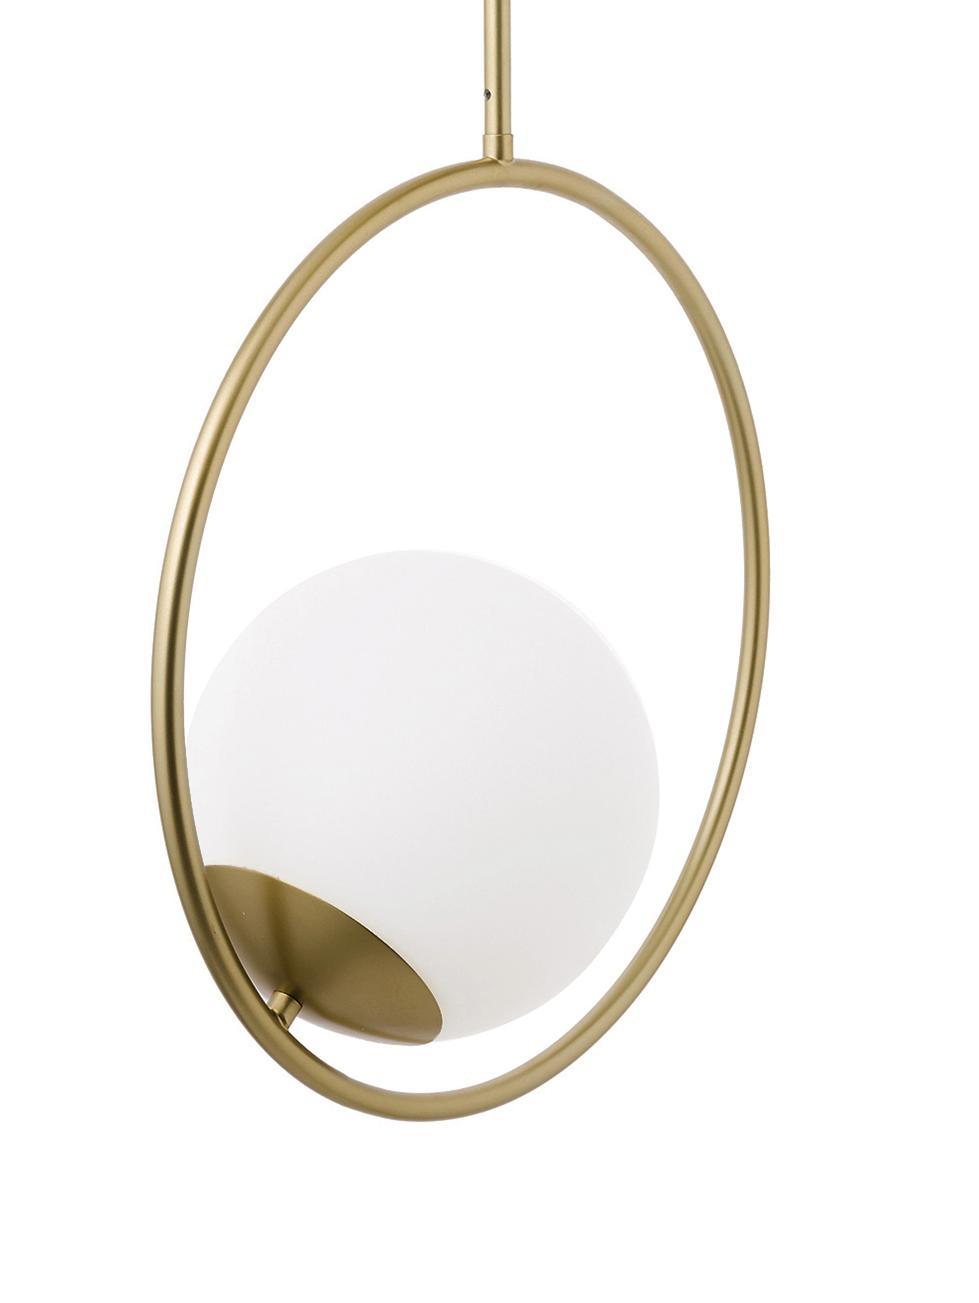 Lampa wisząca ze szkła i metalu Chloe, Biały, mosiądz, S 40 x W 51 cm